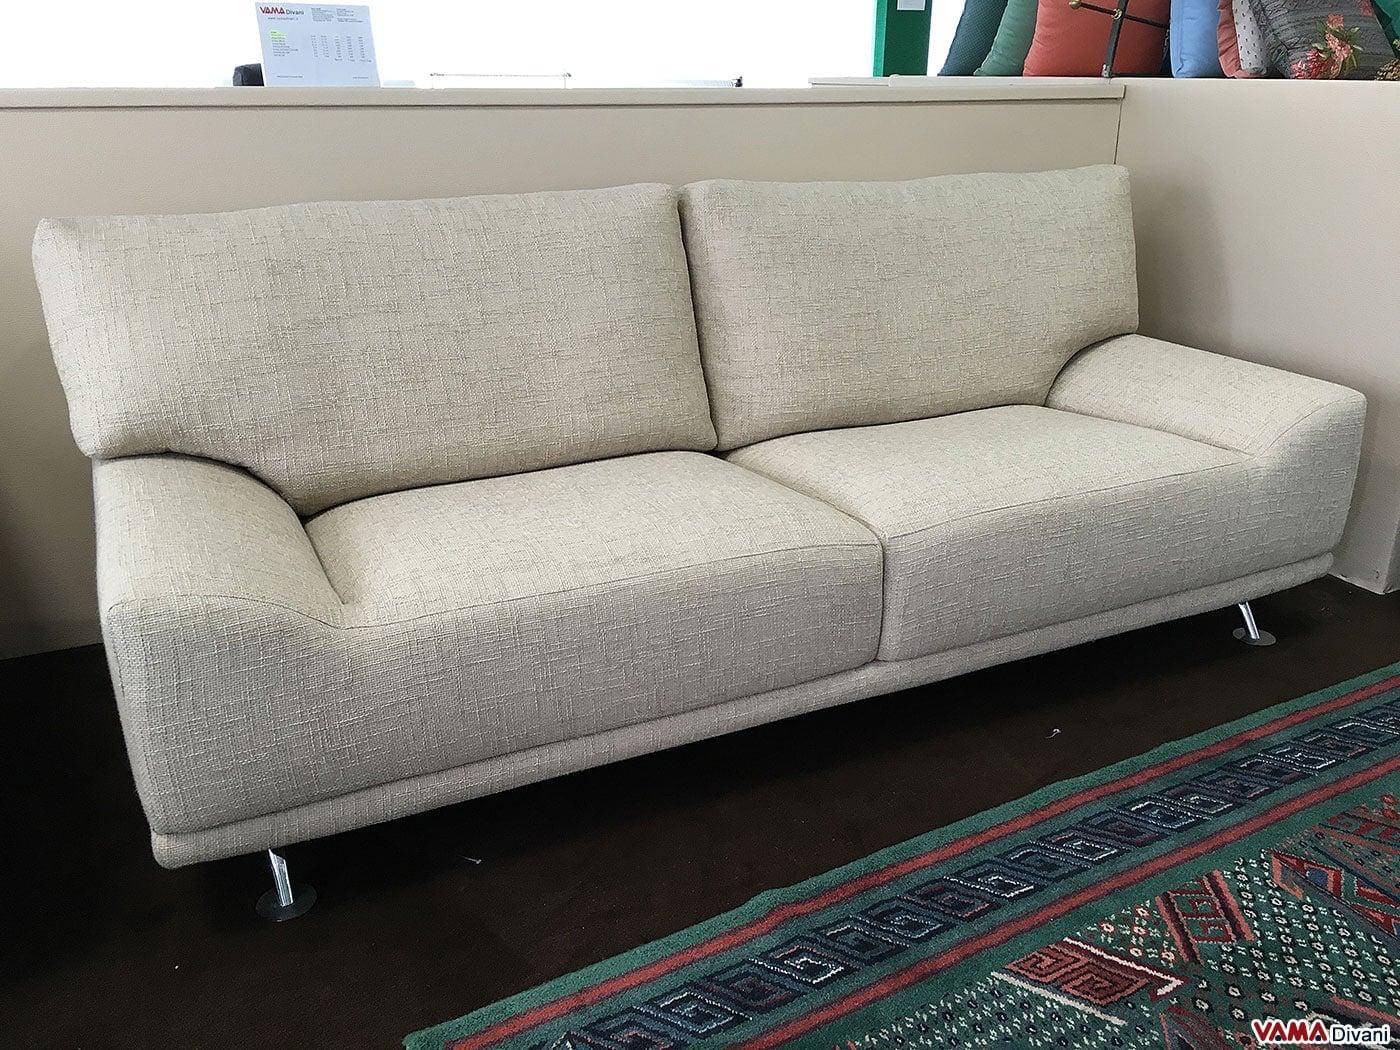 Divano 3 posti in tessuto con braccioli bassi in offerta - Offerta divano angolare ...